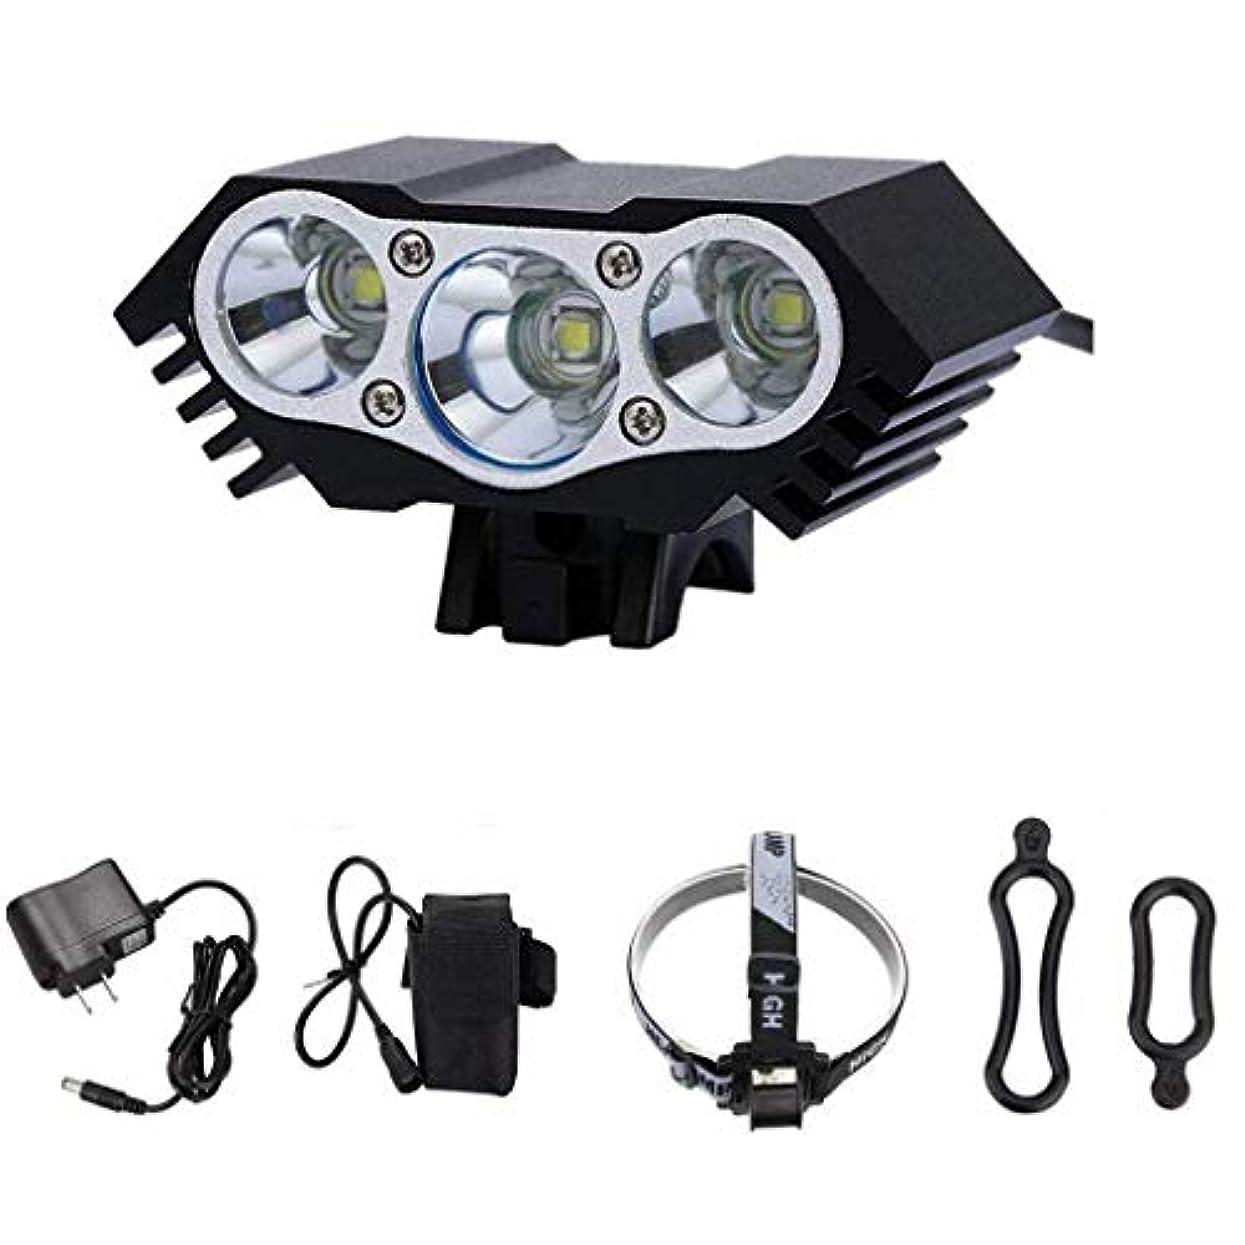 霜しっとりホースバイクライトスーパーブライト自転車フロントライト、USB充電式LEDサイクリングライト(8800mAhバッテリー)、防水マウンテンロードサイクル懐中電灯